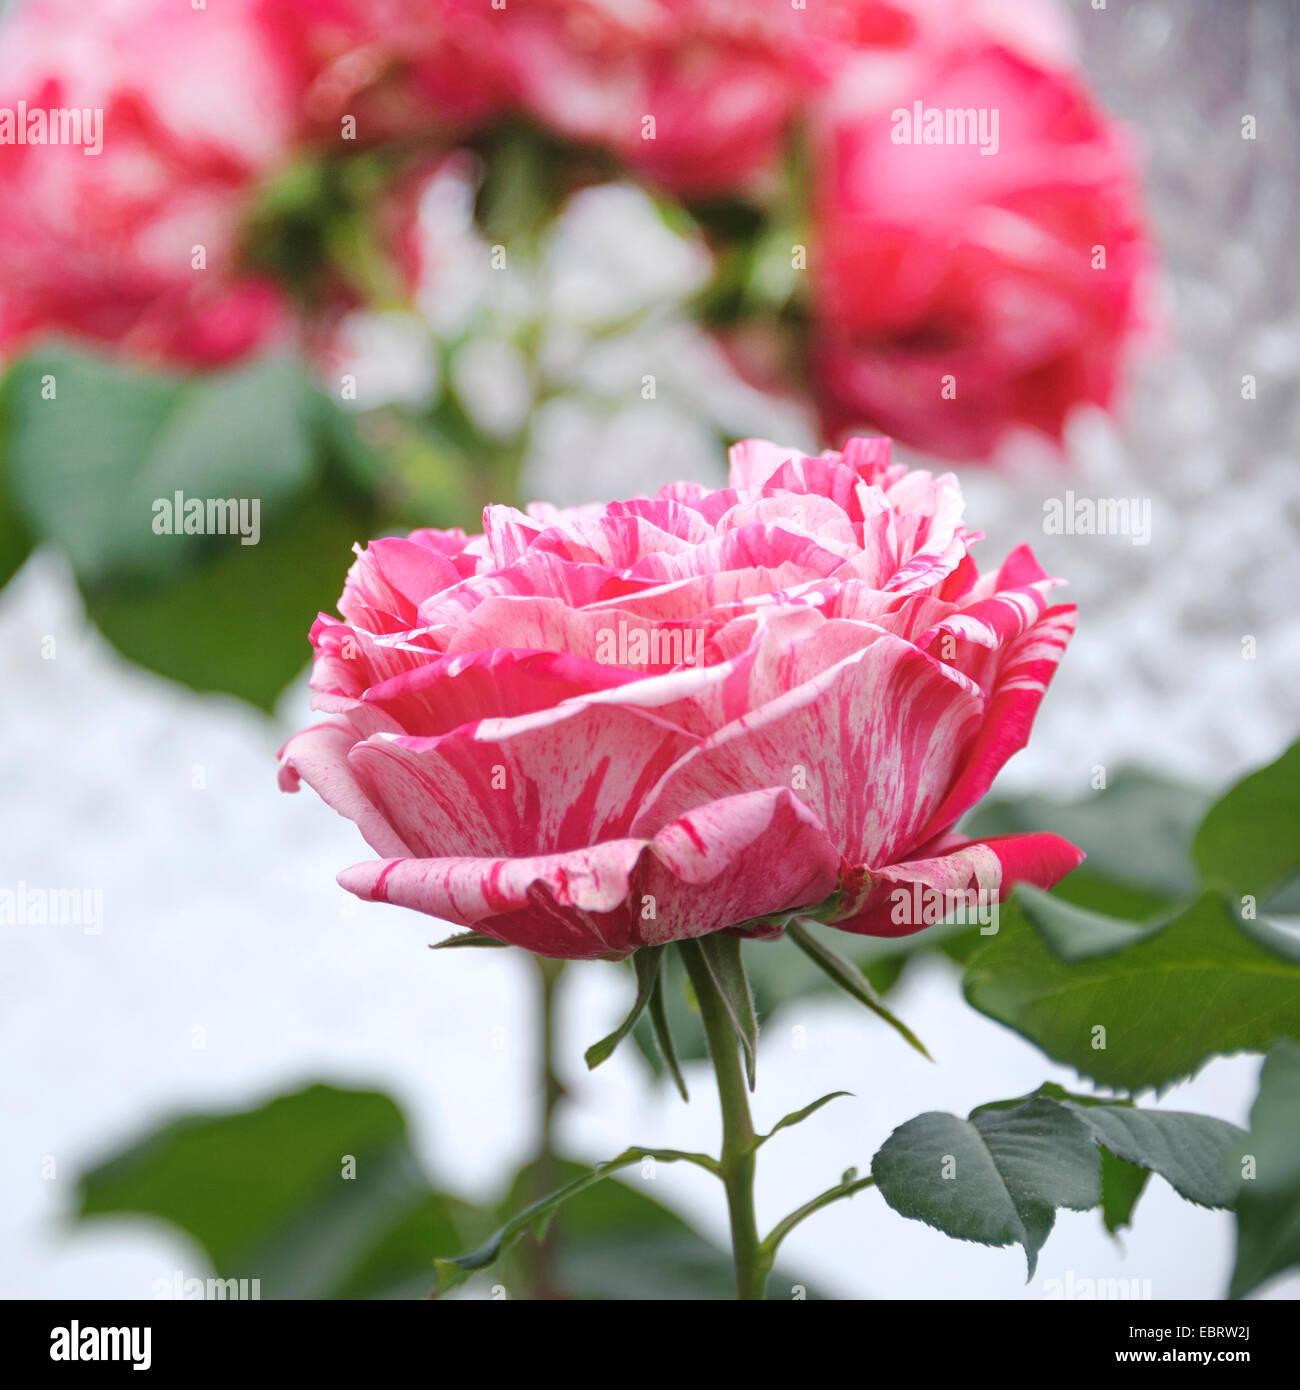 nostalgie rose rosa 39 best impression 39 cultivar best impression stock photo royalty free. Black Bedroom Furniture Sets. Home Design Ideas